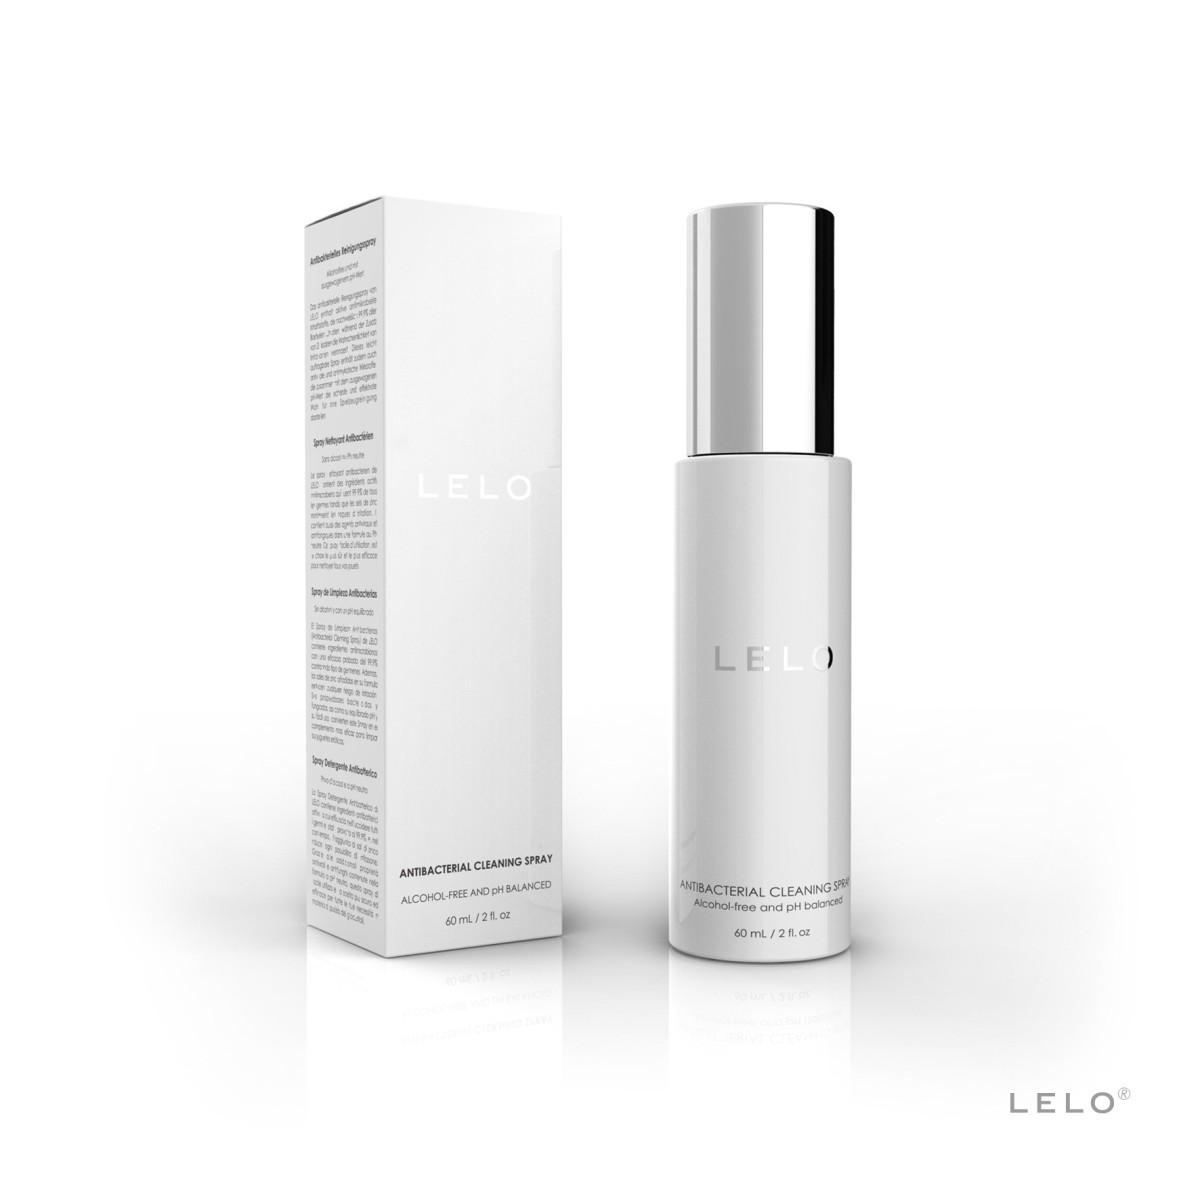 Lelo Antibacterial Cleaning Spray 60 ml, antibakteriální čistící sprej na erotické pomůcky